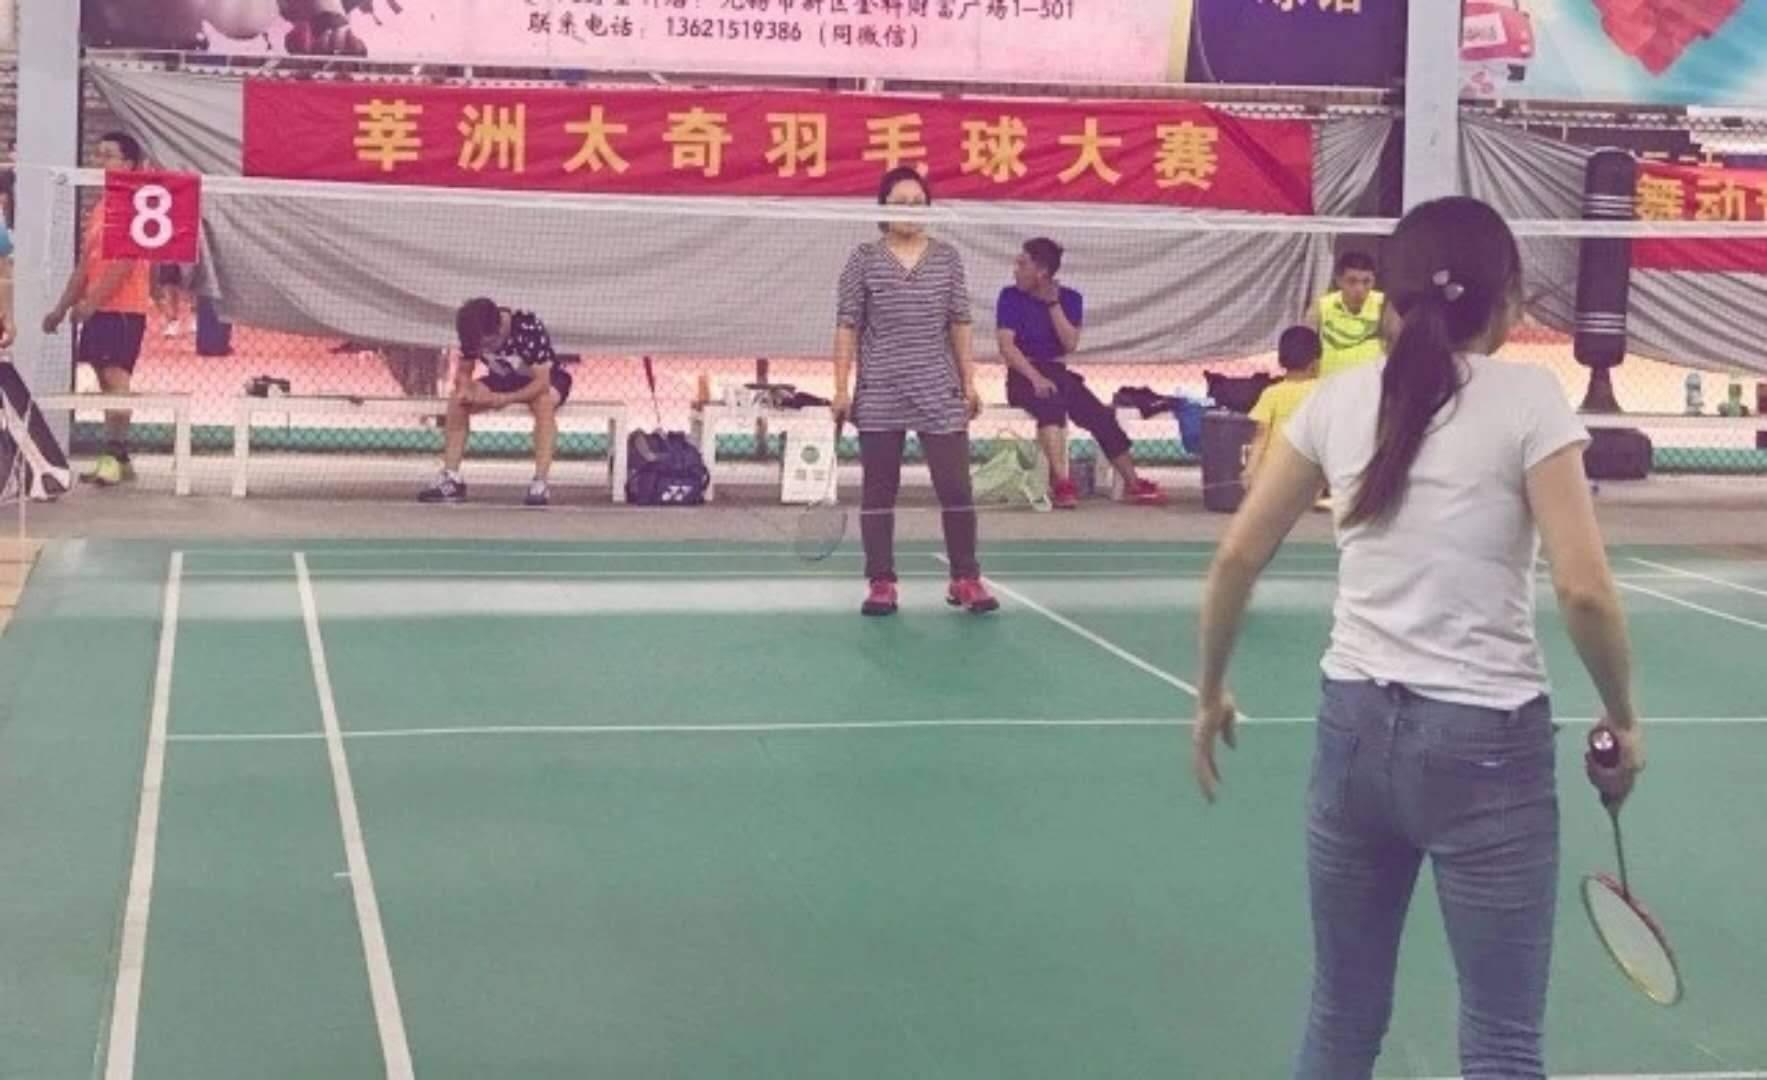 江阴莘洲教育 学生羽毛球比赛